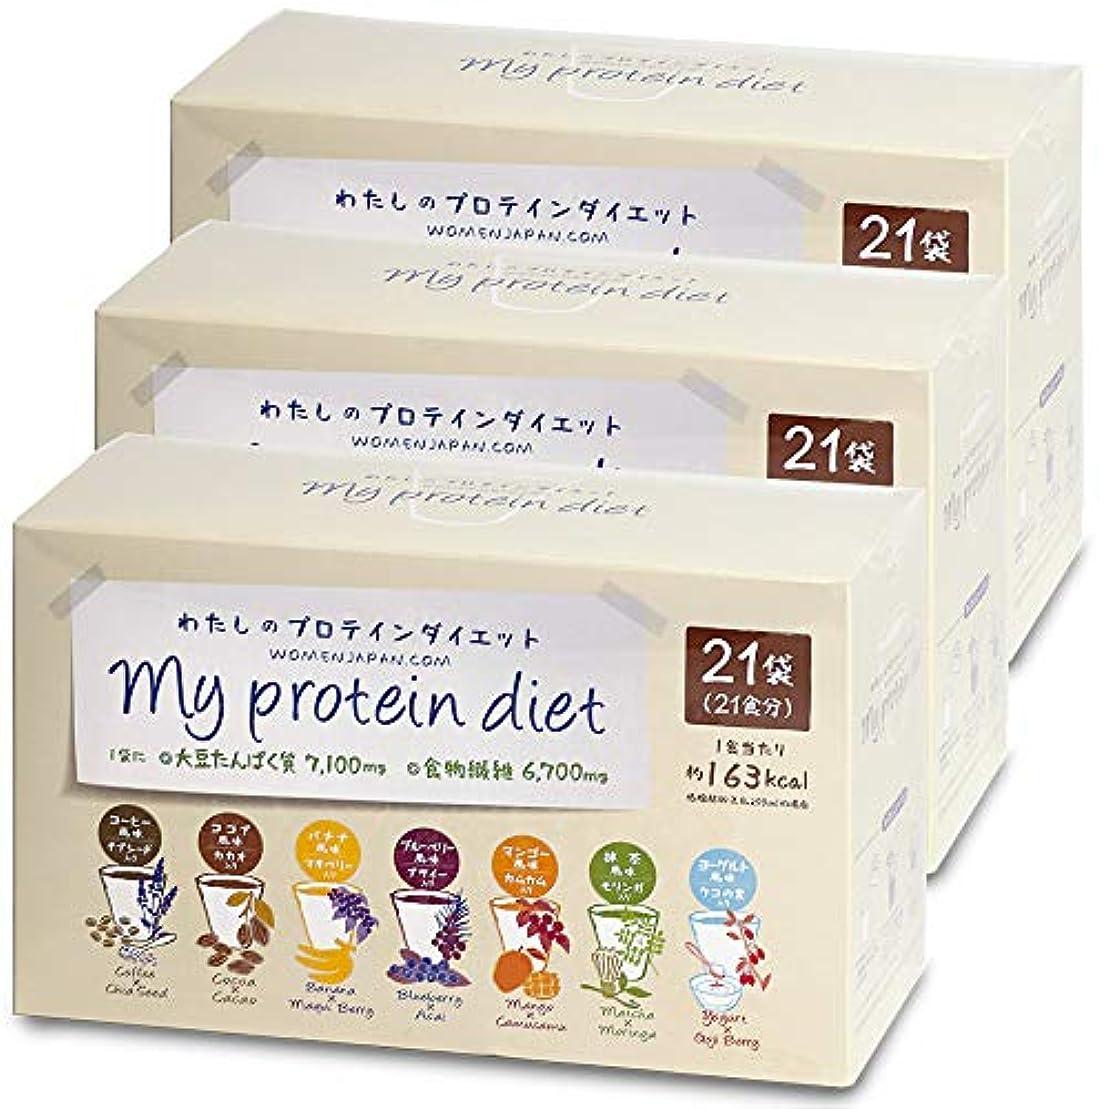 コーンウォール虚栄心登場わたしのプロテインダイエット 63食セット 1食置き換えダイエットシェイク 低糖質